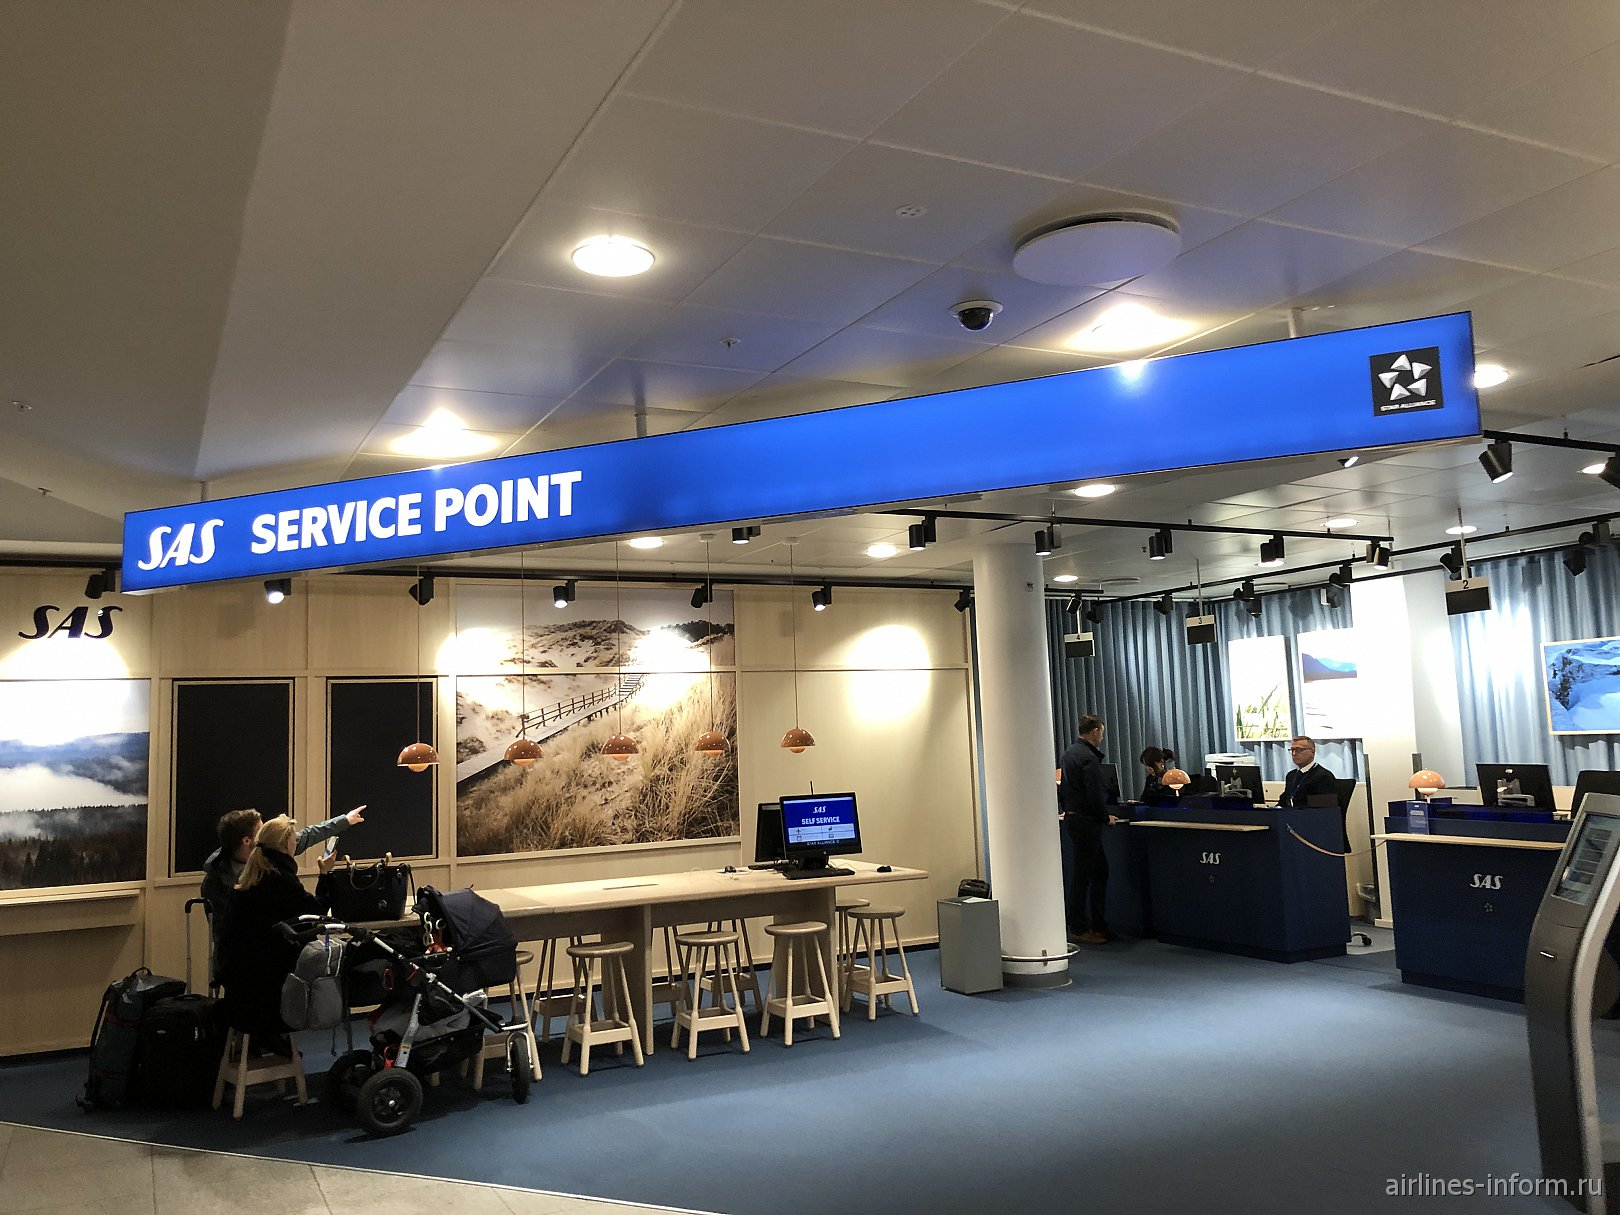 Клиентская зона авиакомпании SAS в аэропорту Копенгаген Каструп